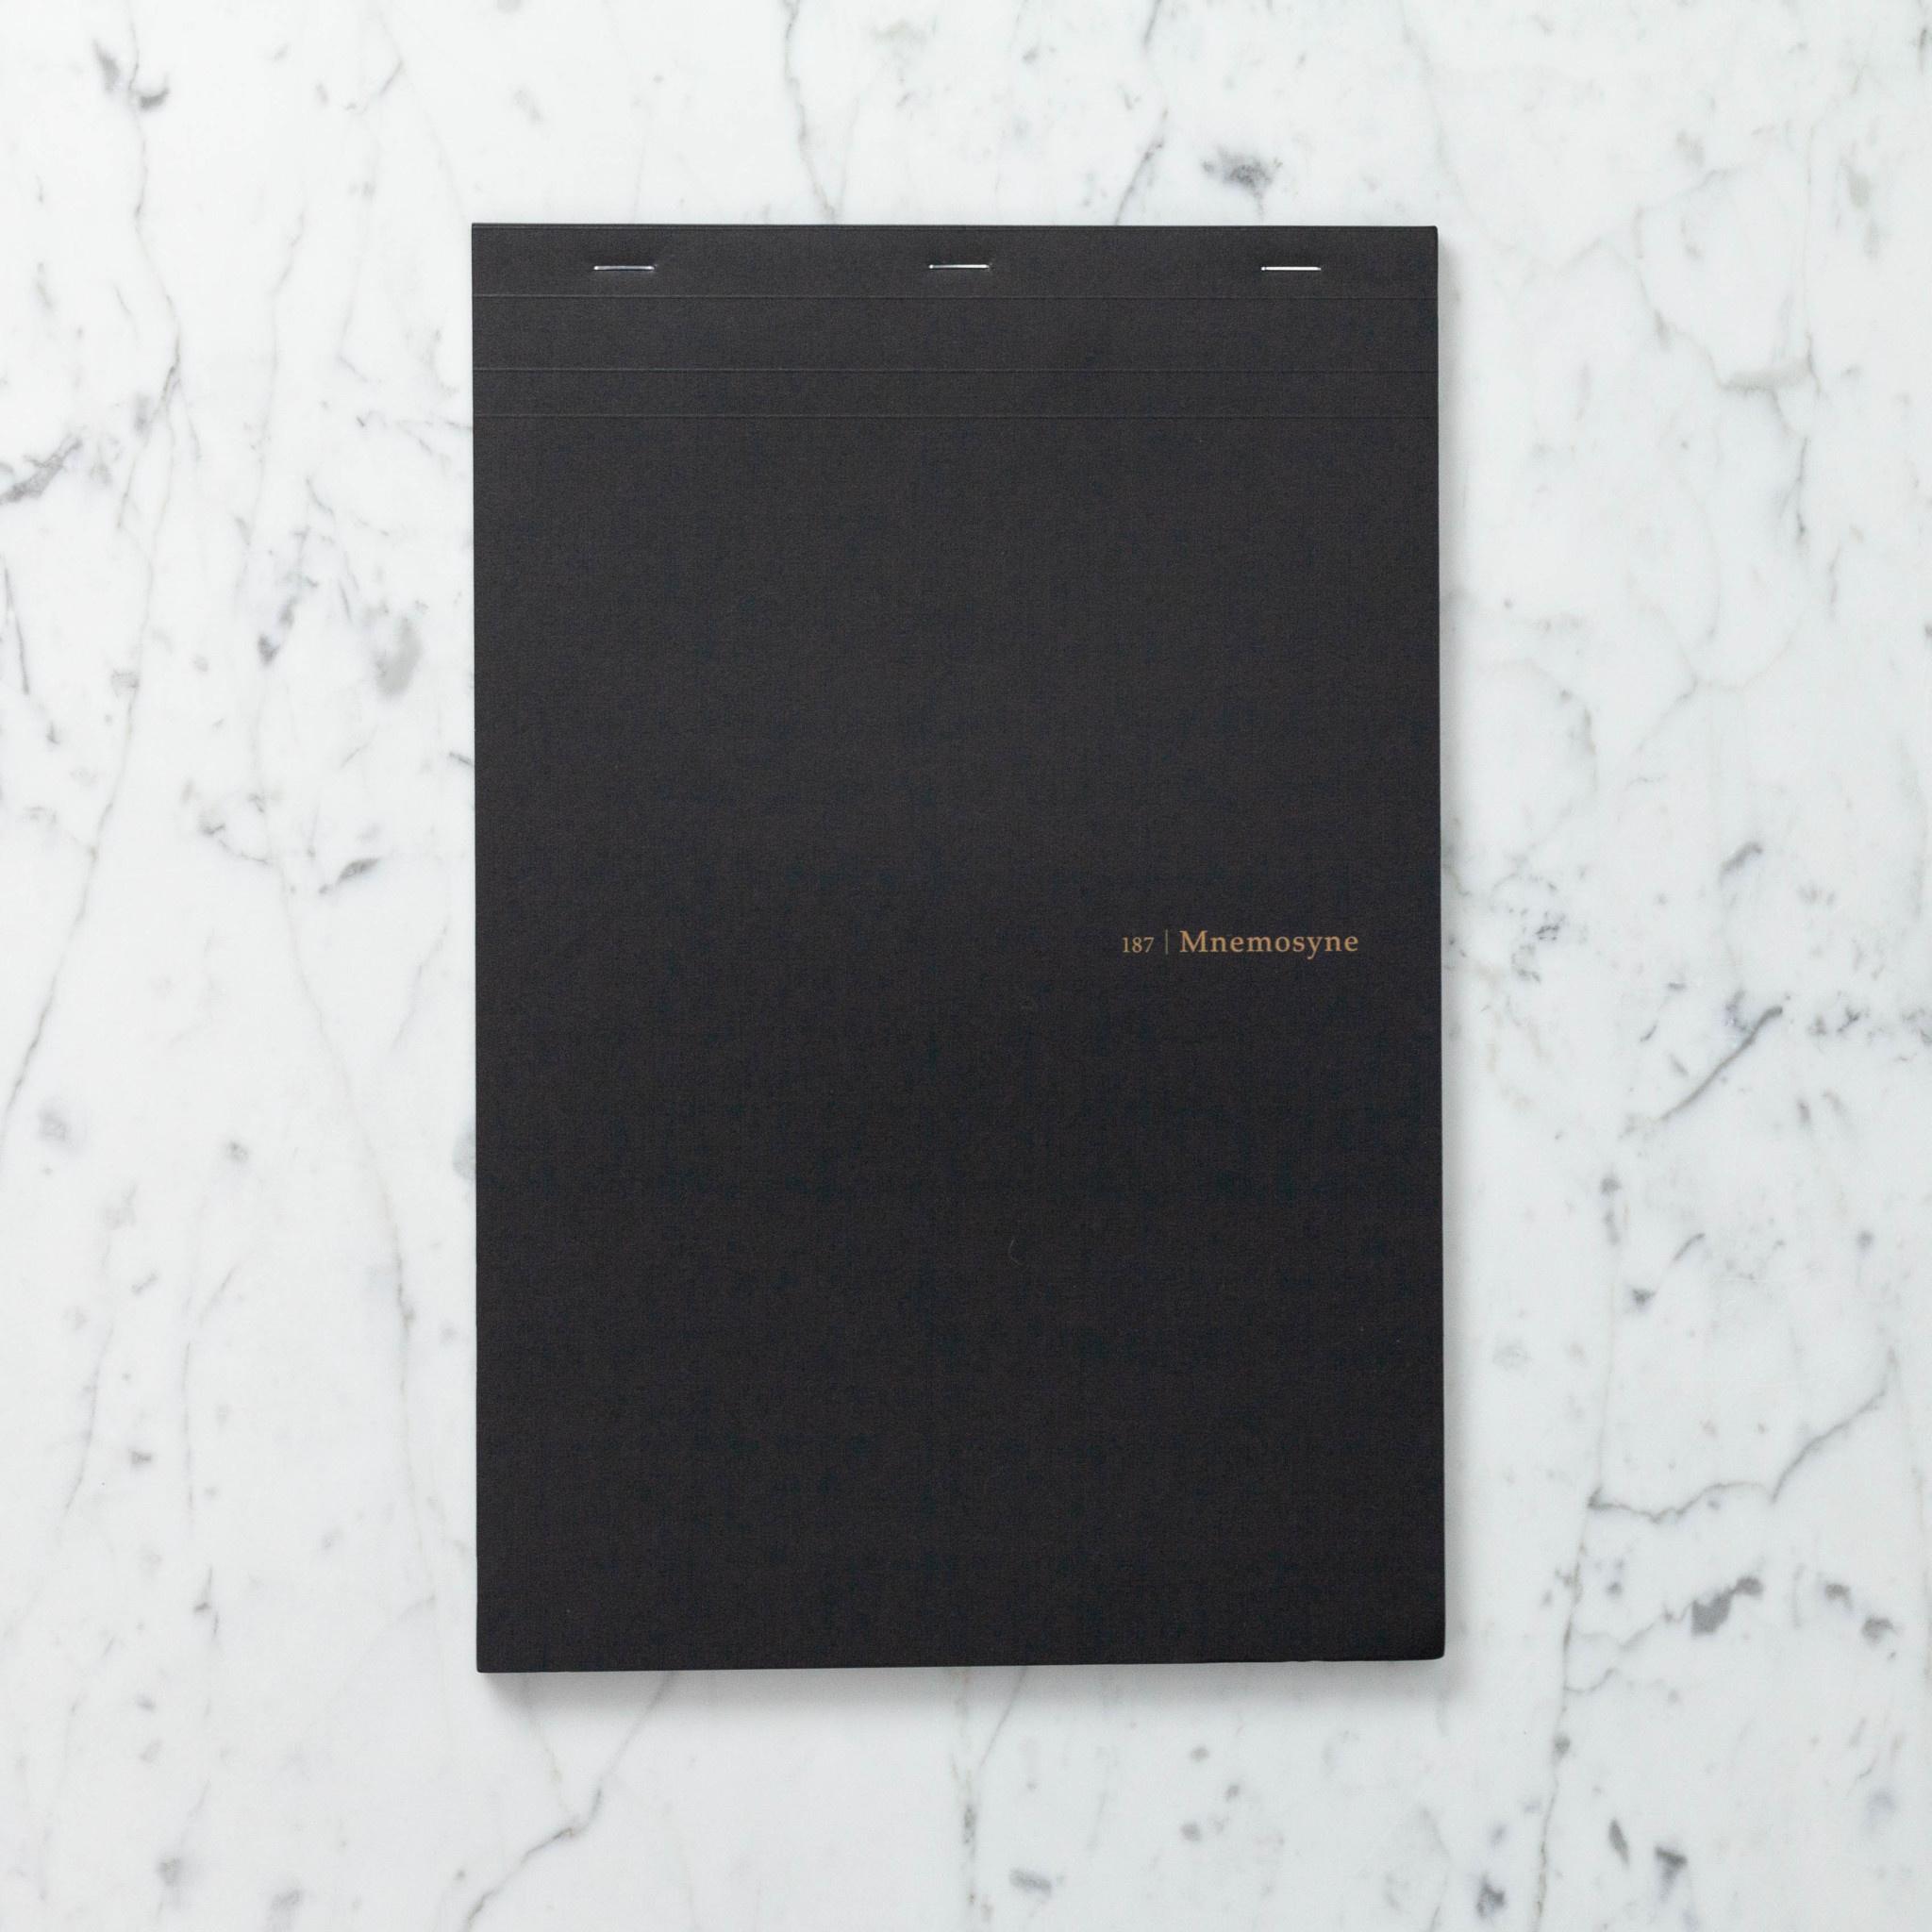 Mnemosyne Notepad - Grid - A4